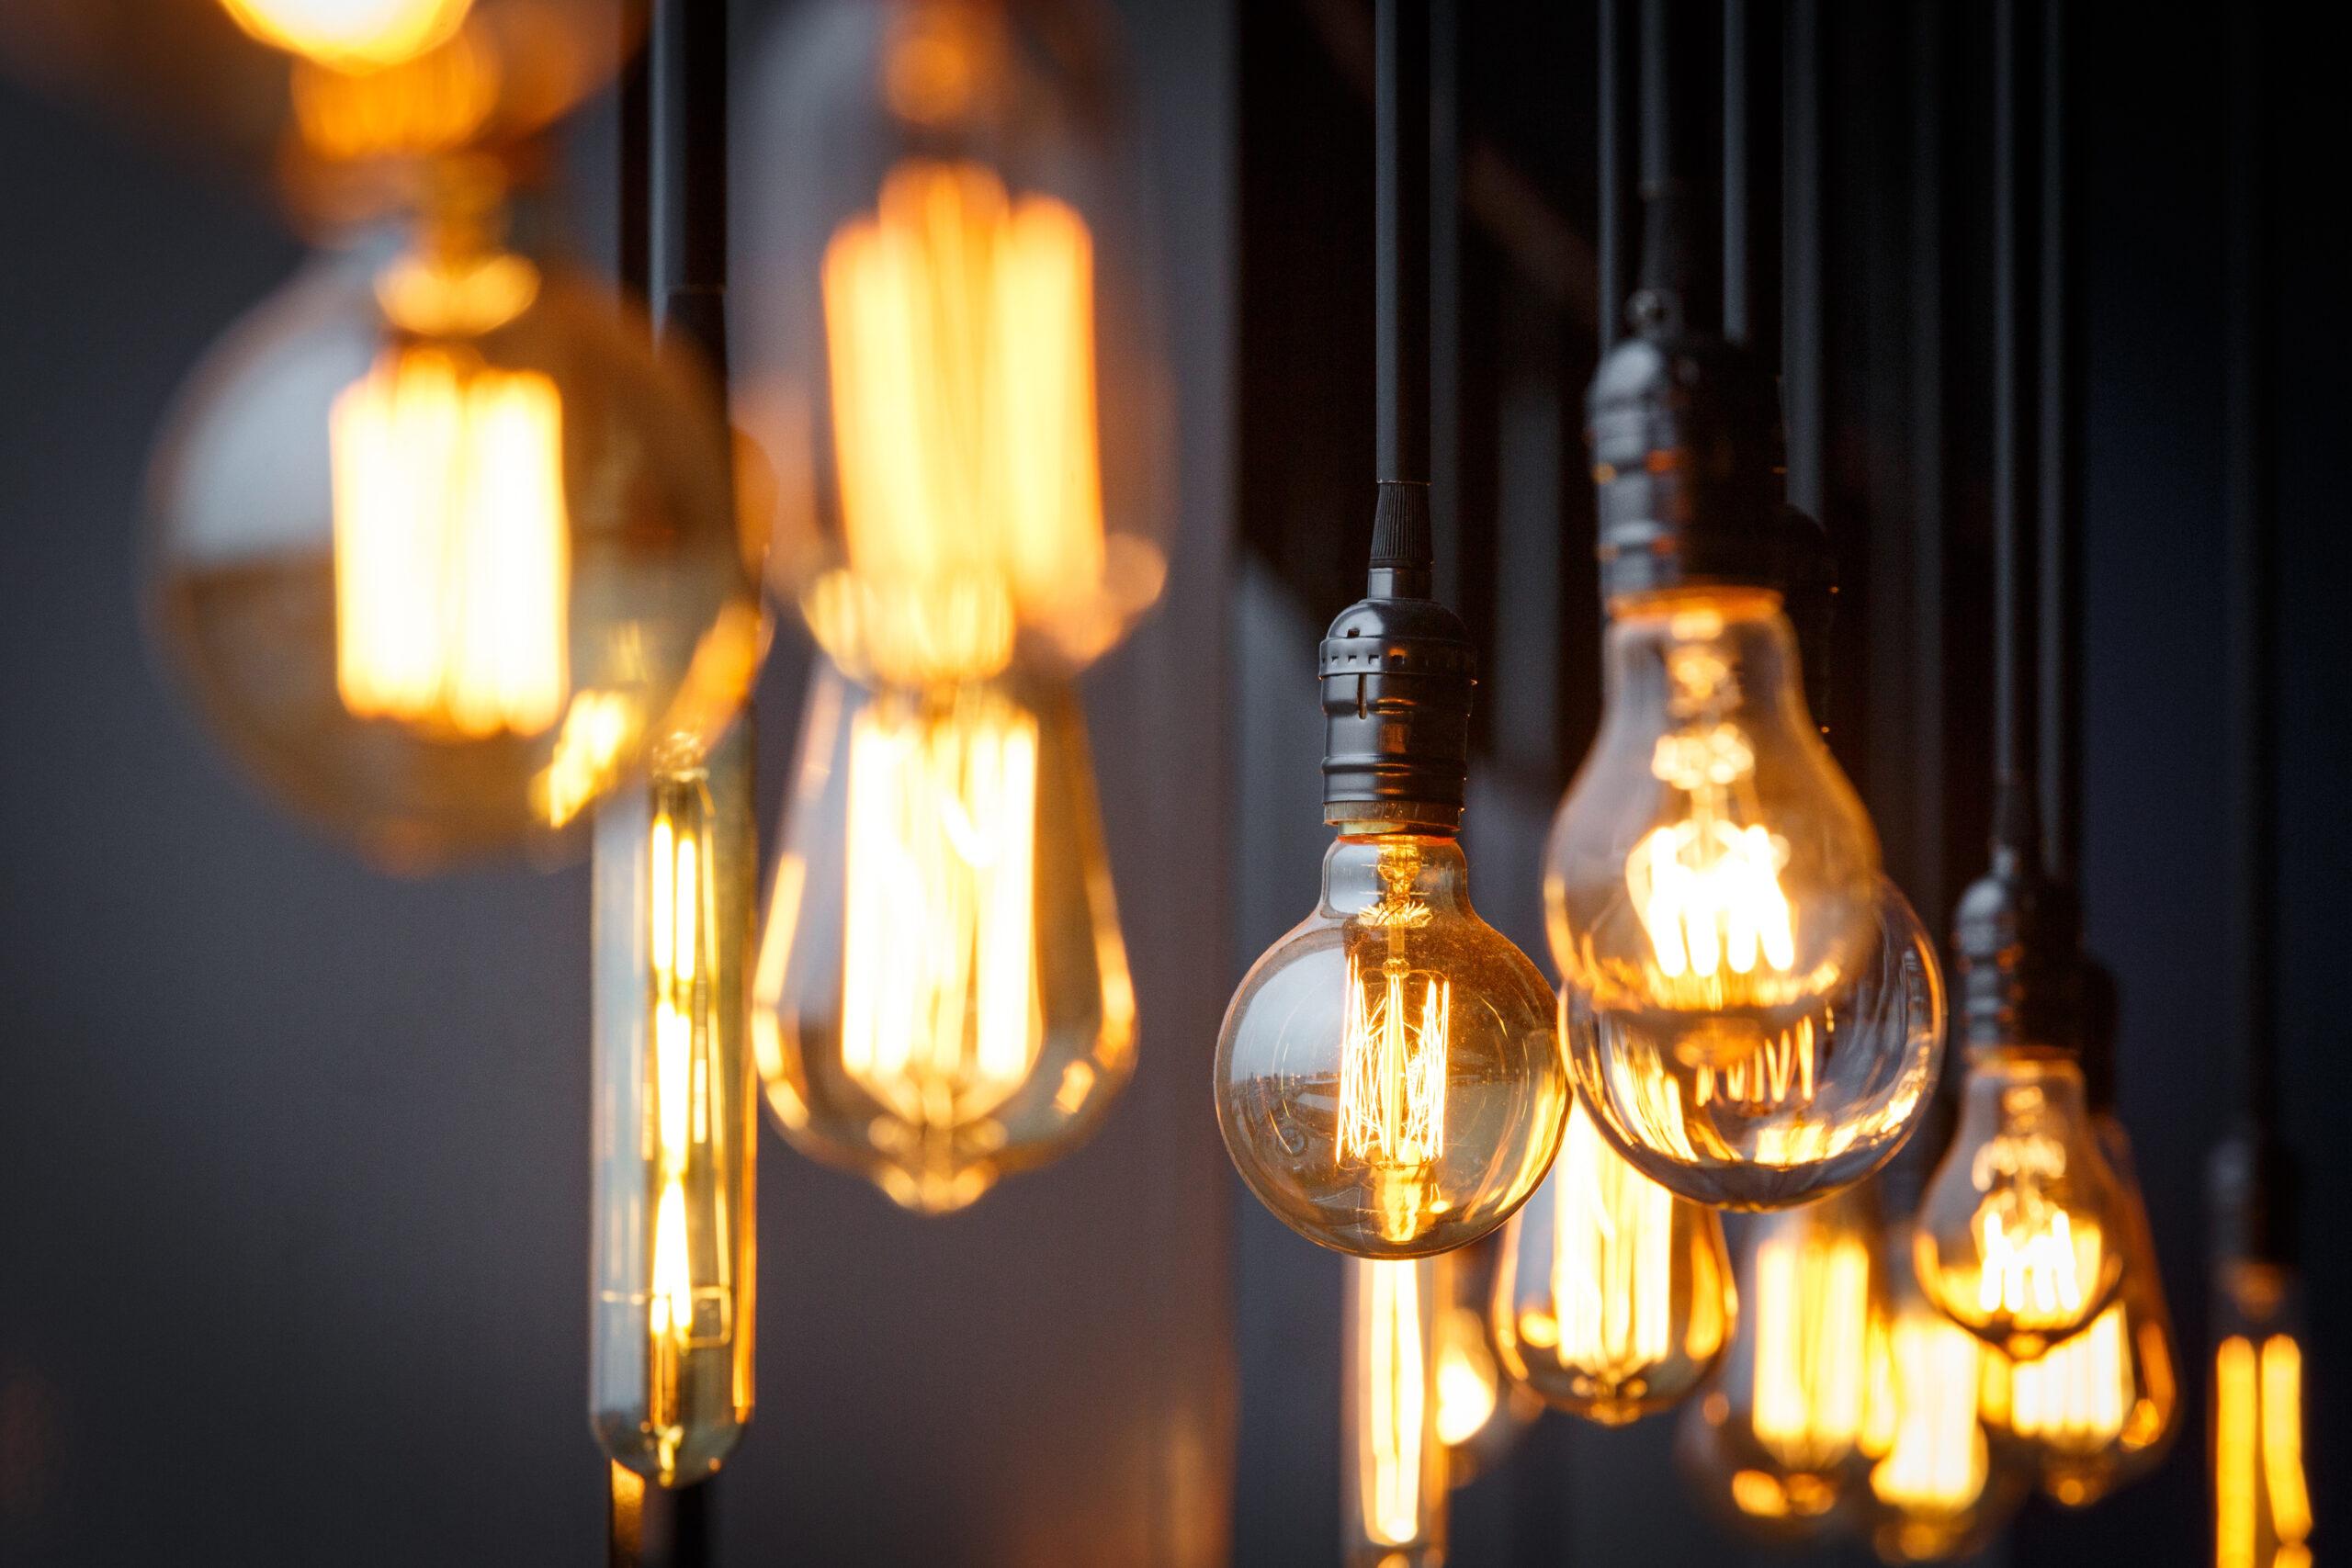 Lámparas vintage para dar un toque retro al hogar